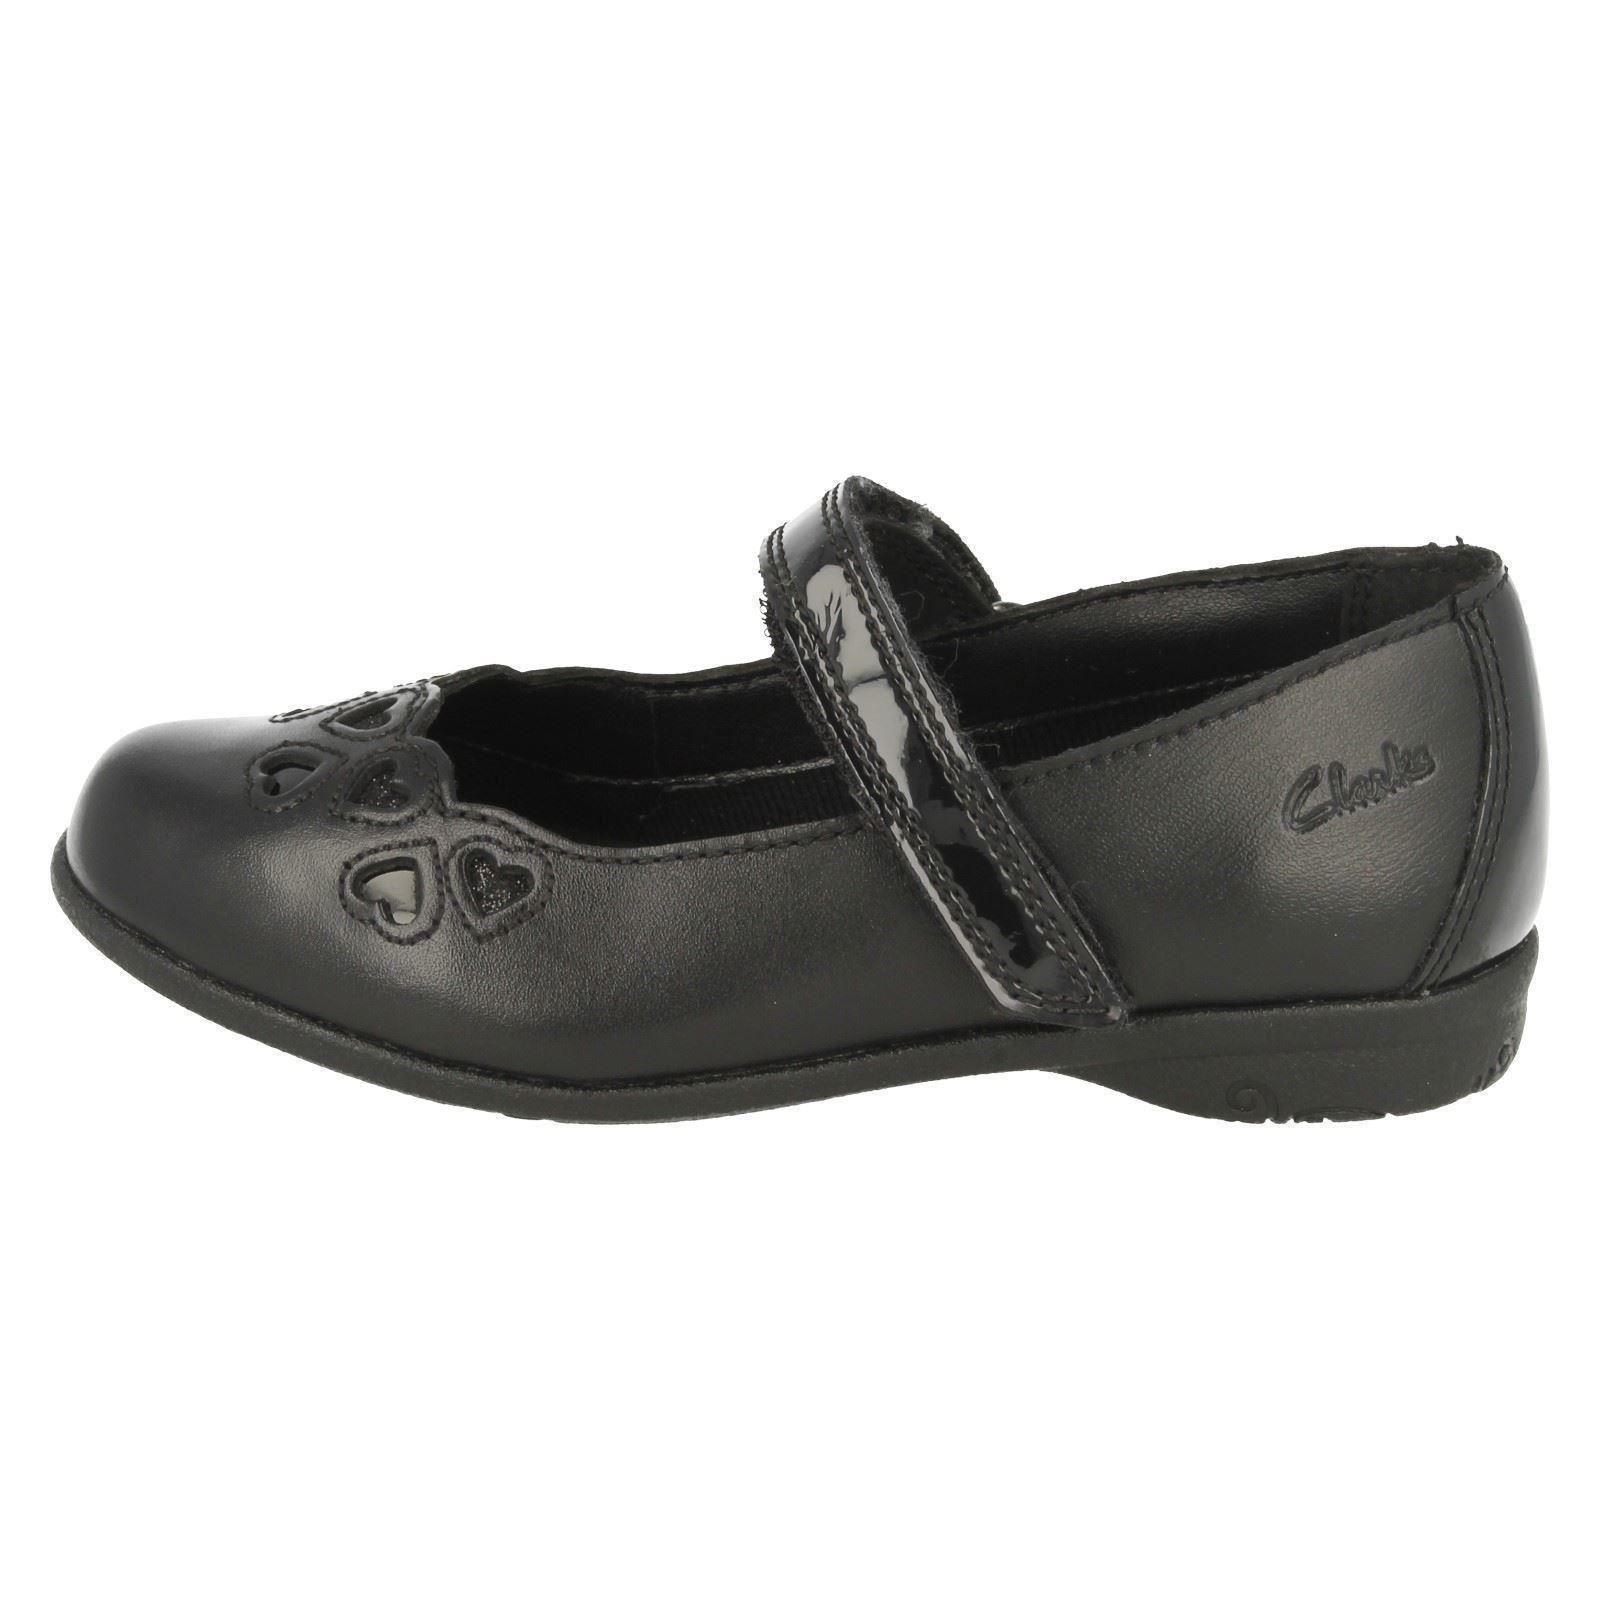 Zapatos de chicas Clarks 'Orra Mimi' el estilo K ~